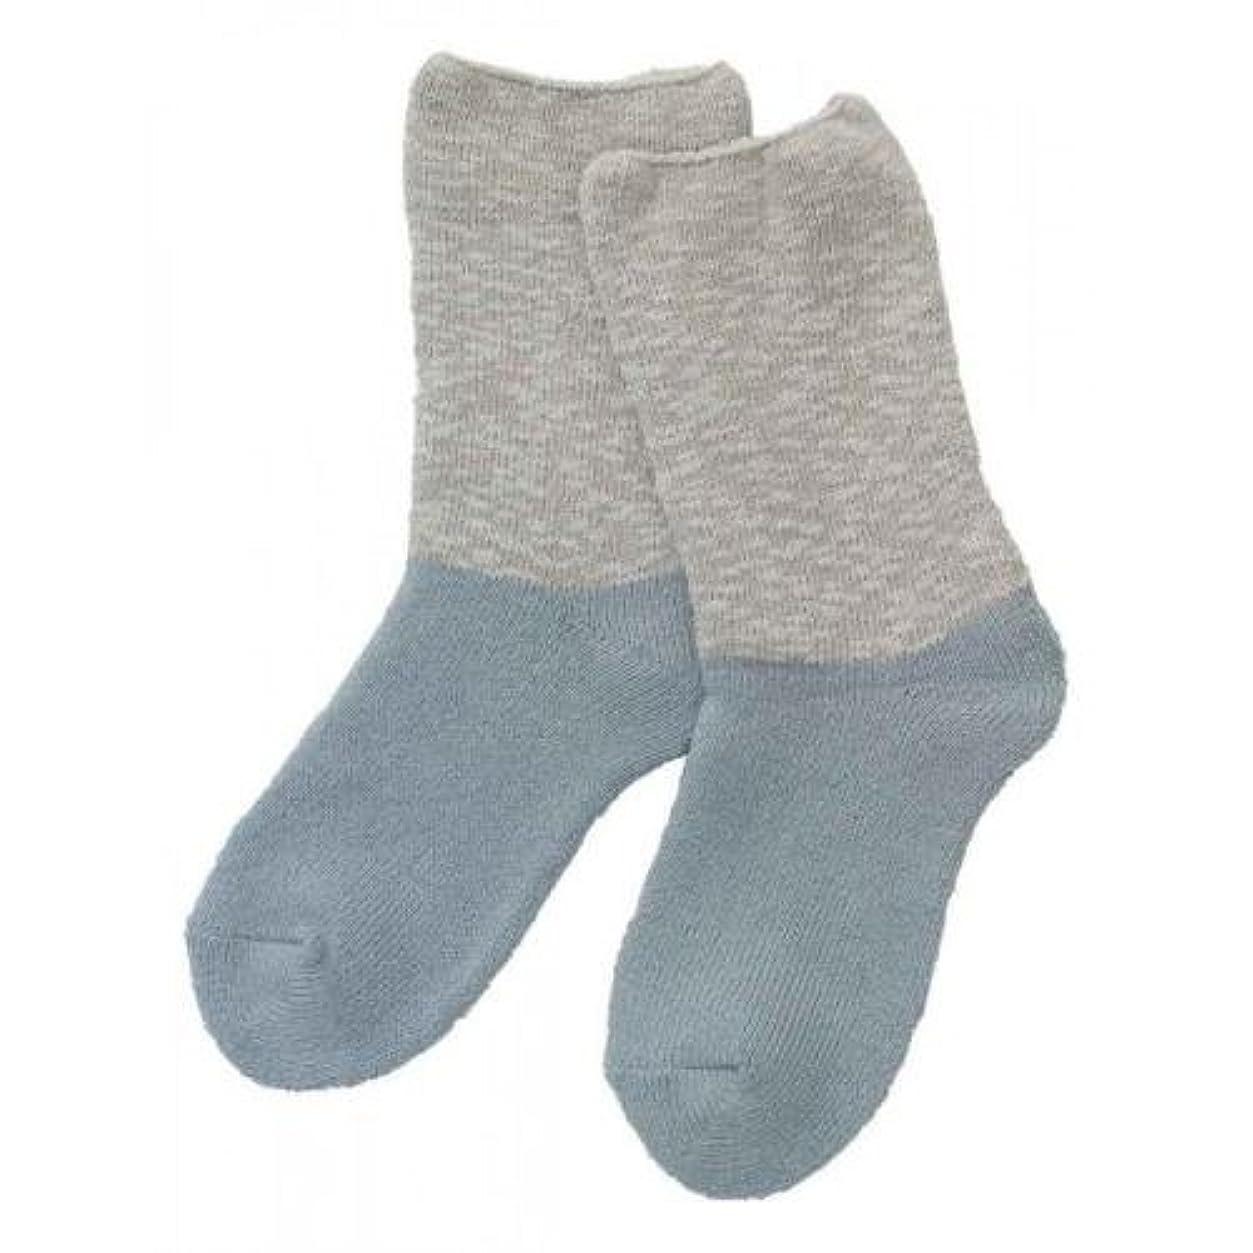 無視する襟呼吸Carelance(ケアランス)お風呂上りのやさしい靴下 綿麻パイルで足先さわやか 8706CA-70 ブルー